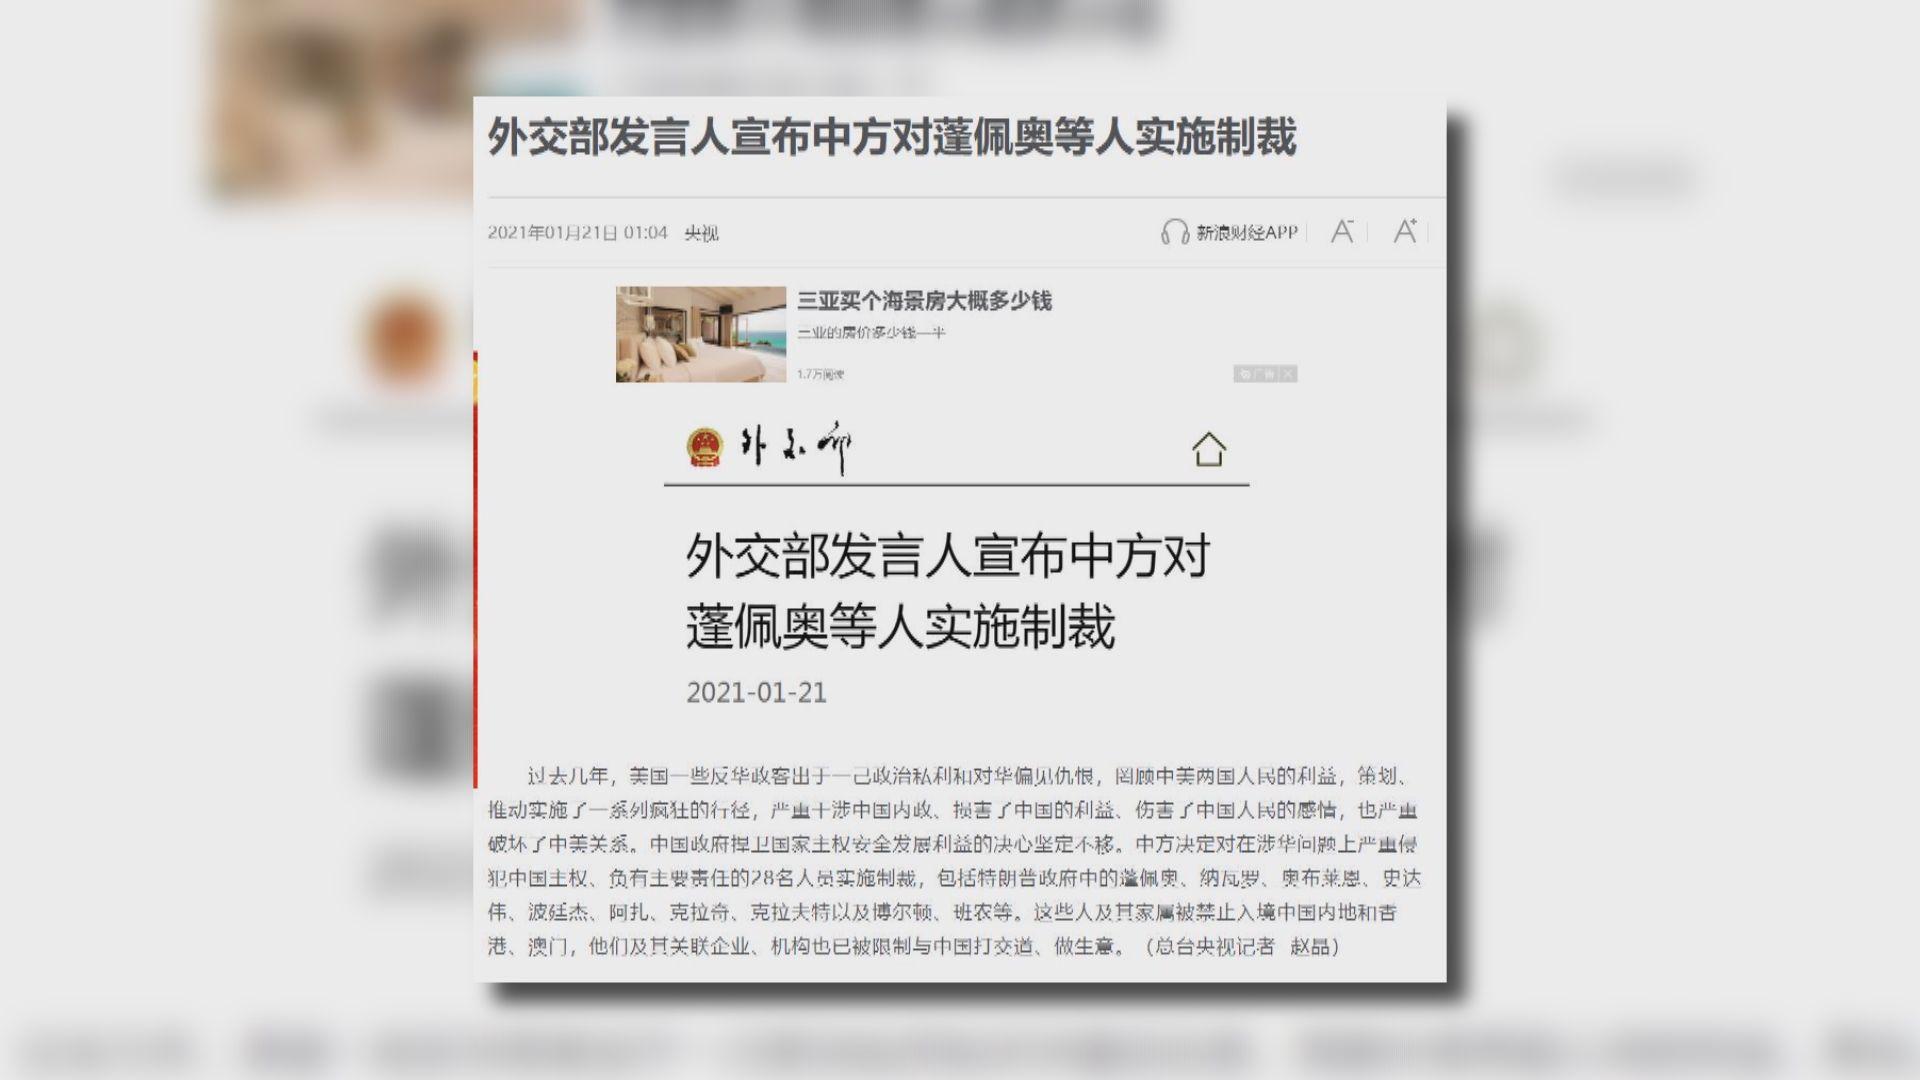 中國制裁蓬佩奧等28人 分析指為未來中美關係下基調